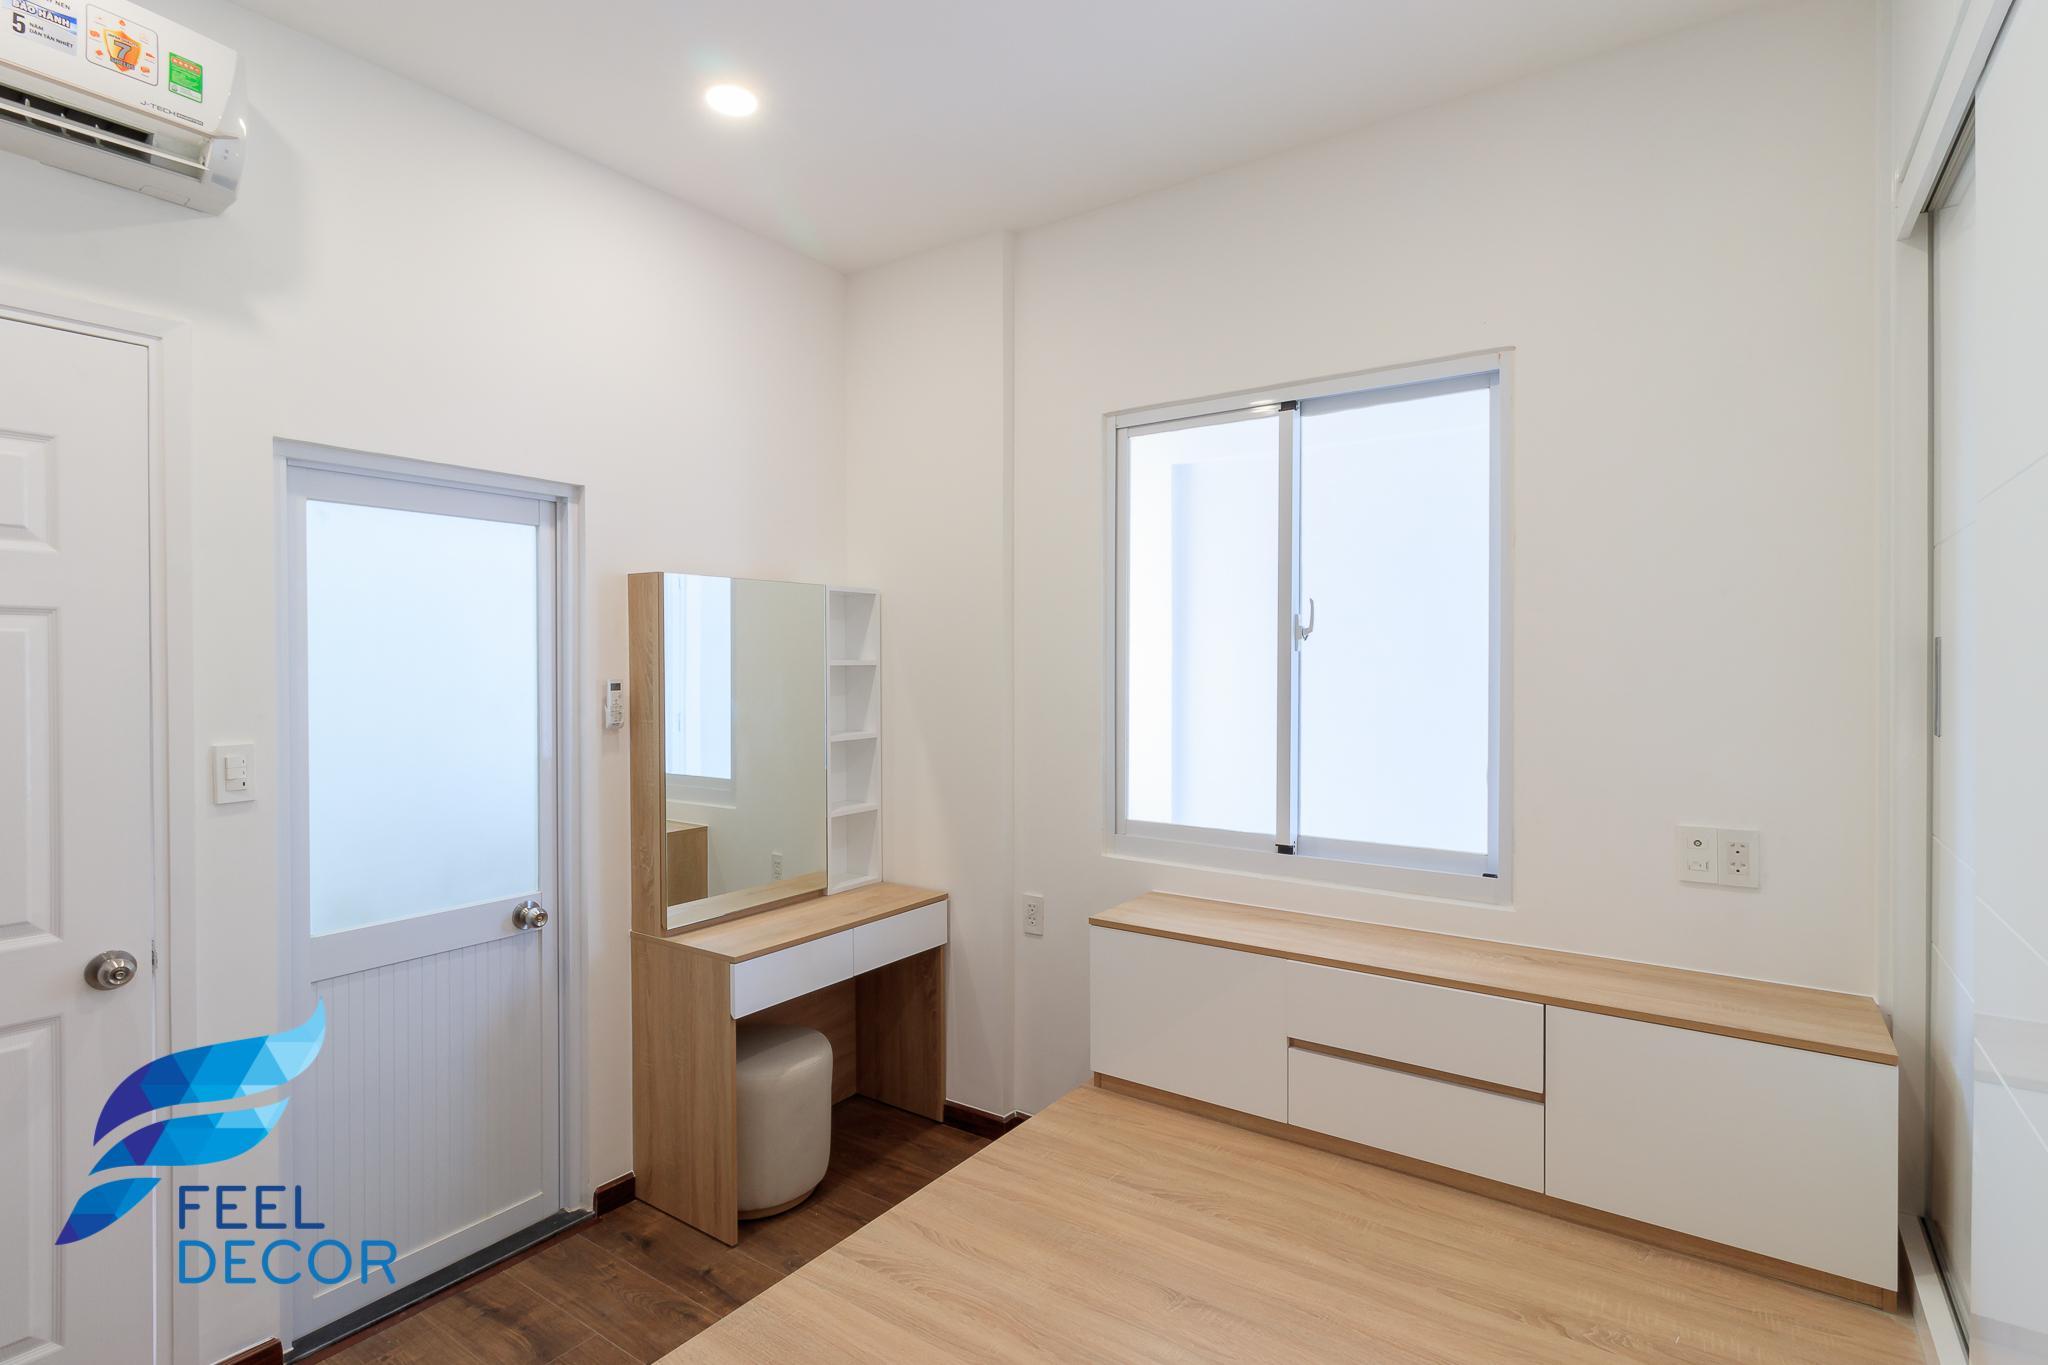 Hình ảnh thực tế thiết kế nội thất căn hộ 2 phòng ngủ (71m2) ở Biên Hòa - FD11618